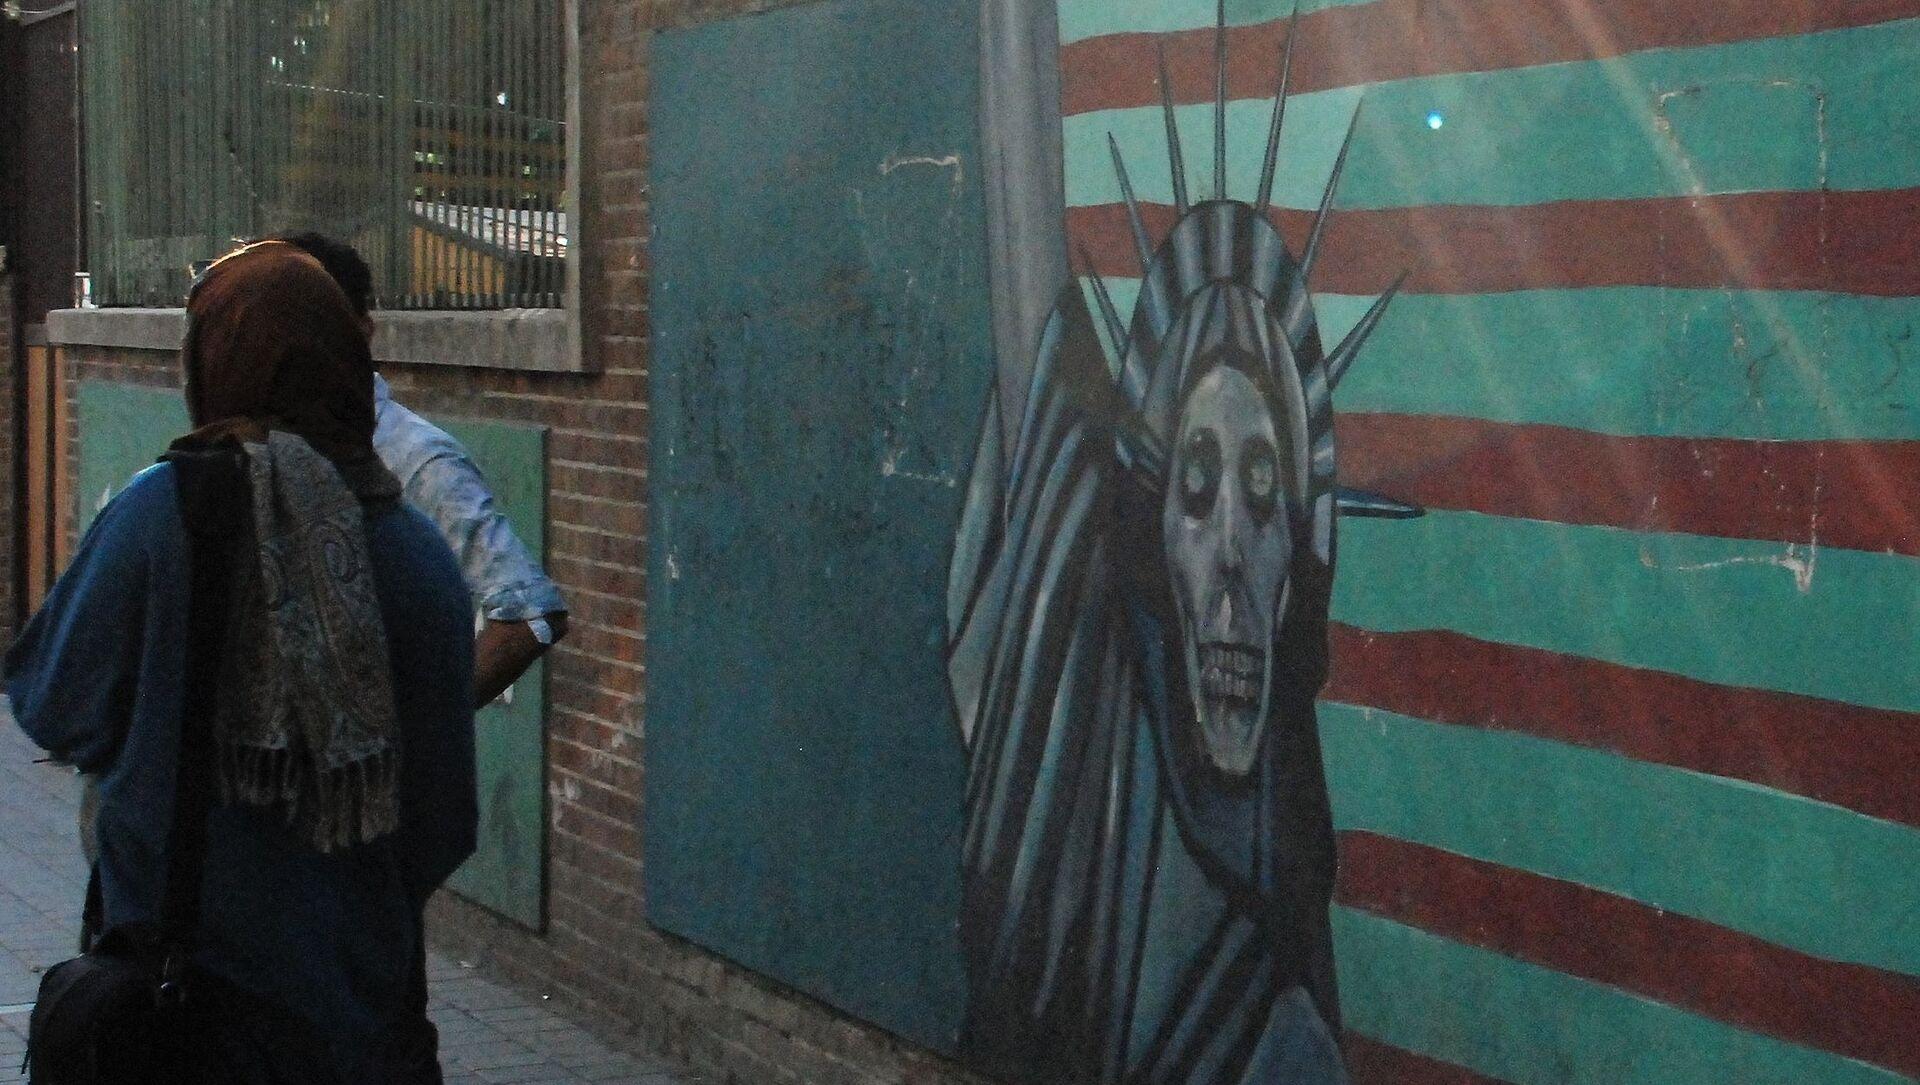 Граффити на стене бывшего посольства США в Тегеране. - Sputnik Армения, 1920, 09.04.2021